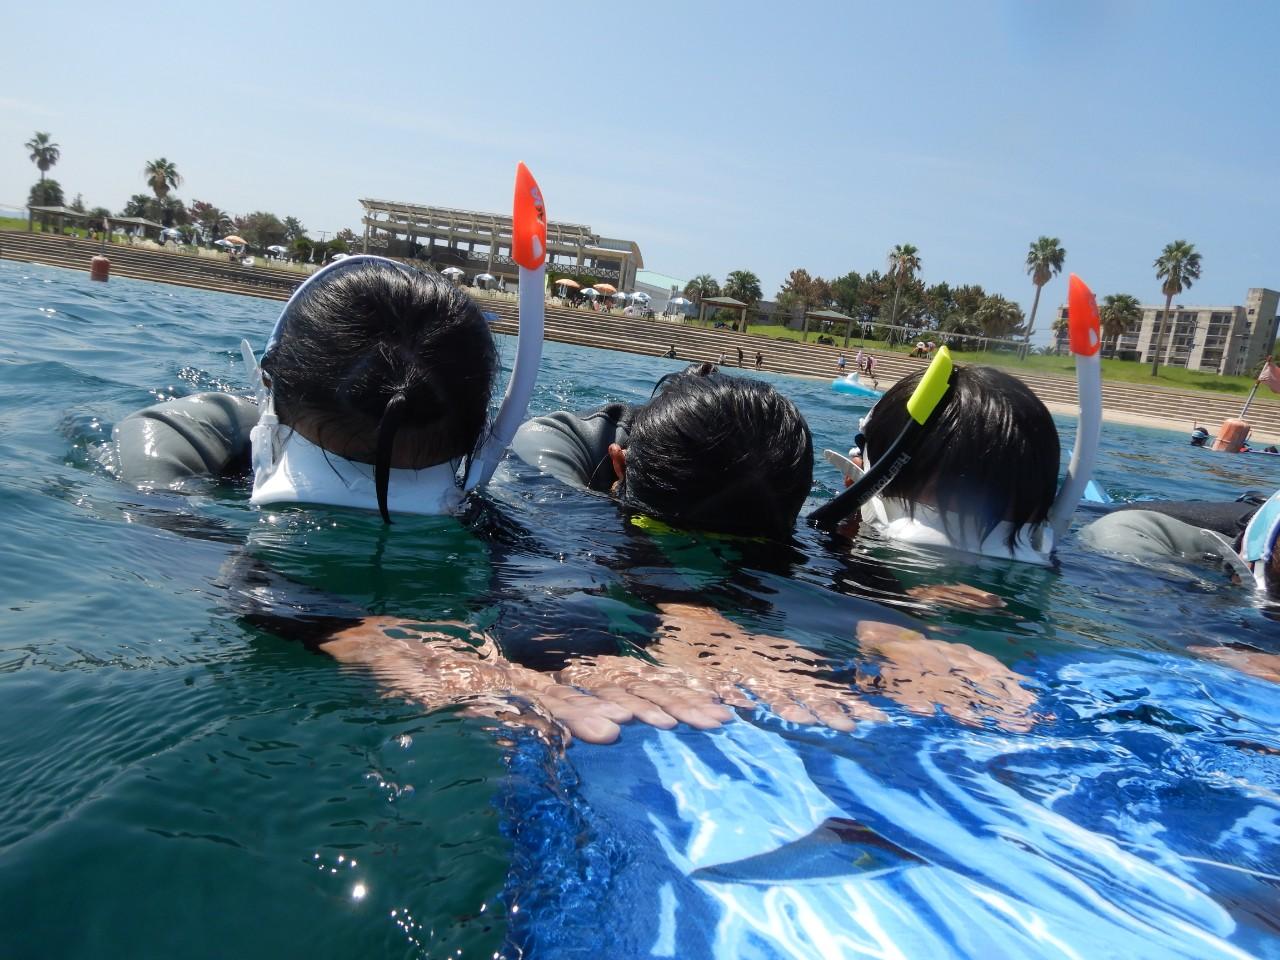 長崎のシュノーケリング体験は高島・九十九島へ ネット予約可能